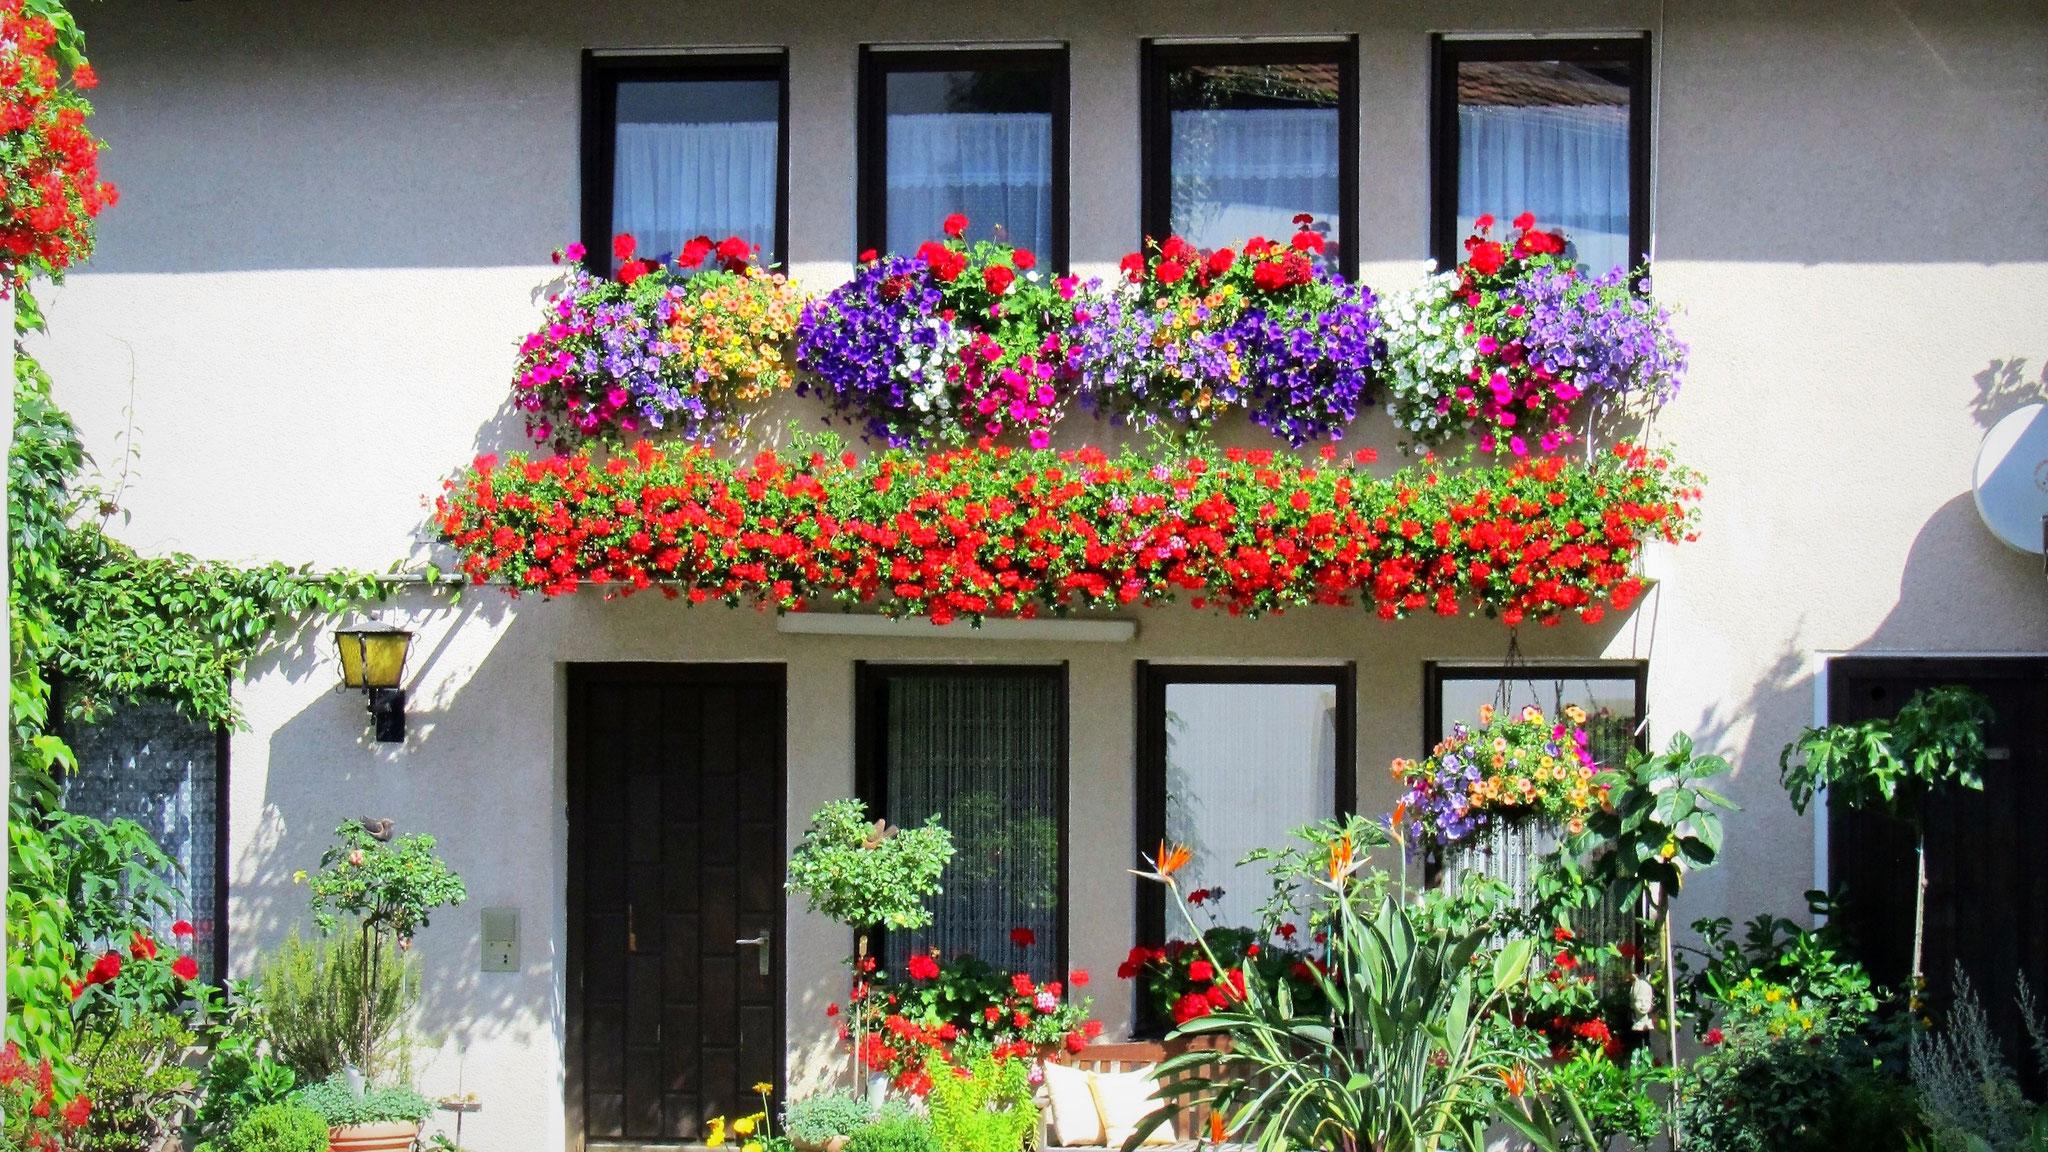 Das Gästehaus vom Landgasthof Bieger - Ebermannstadt in der Fränkischen Schweiz.